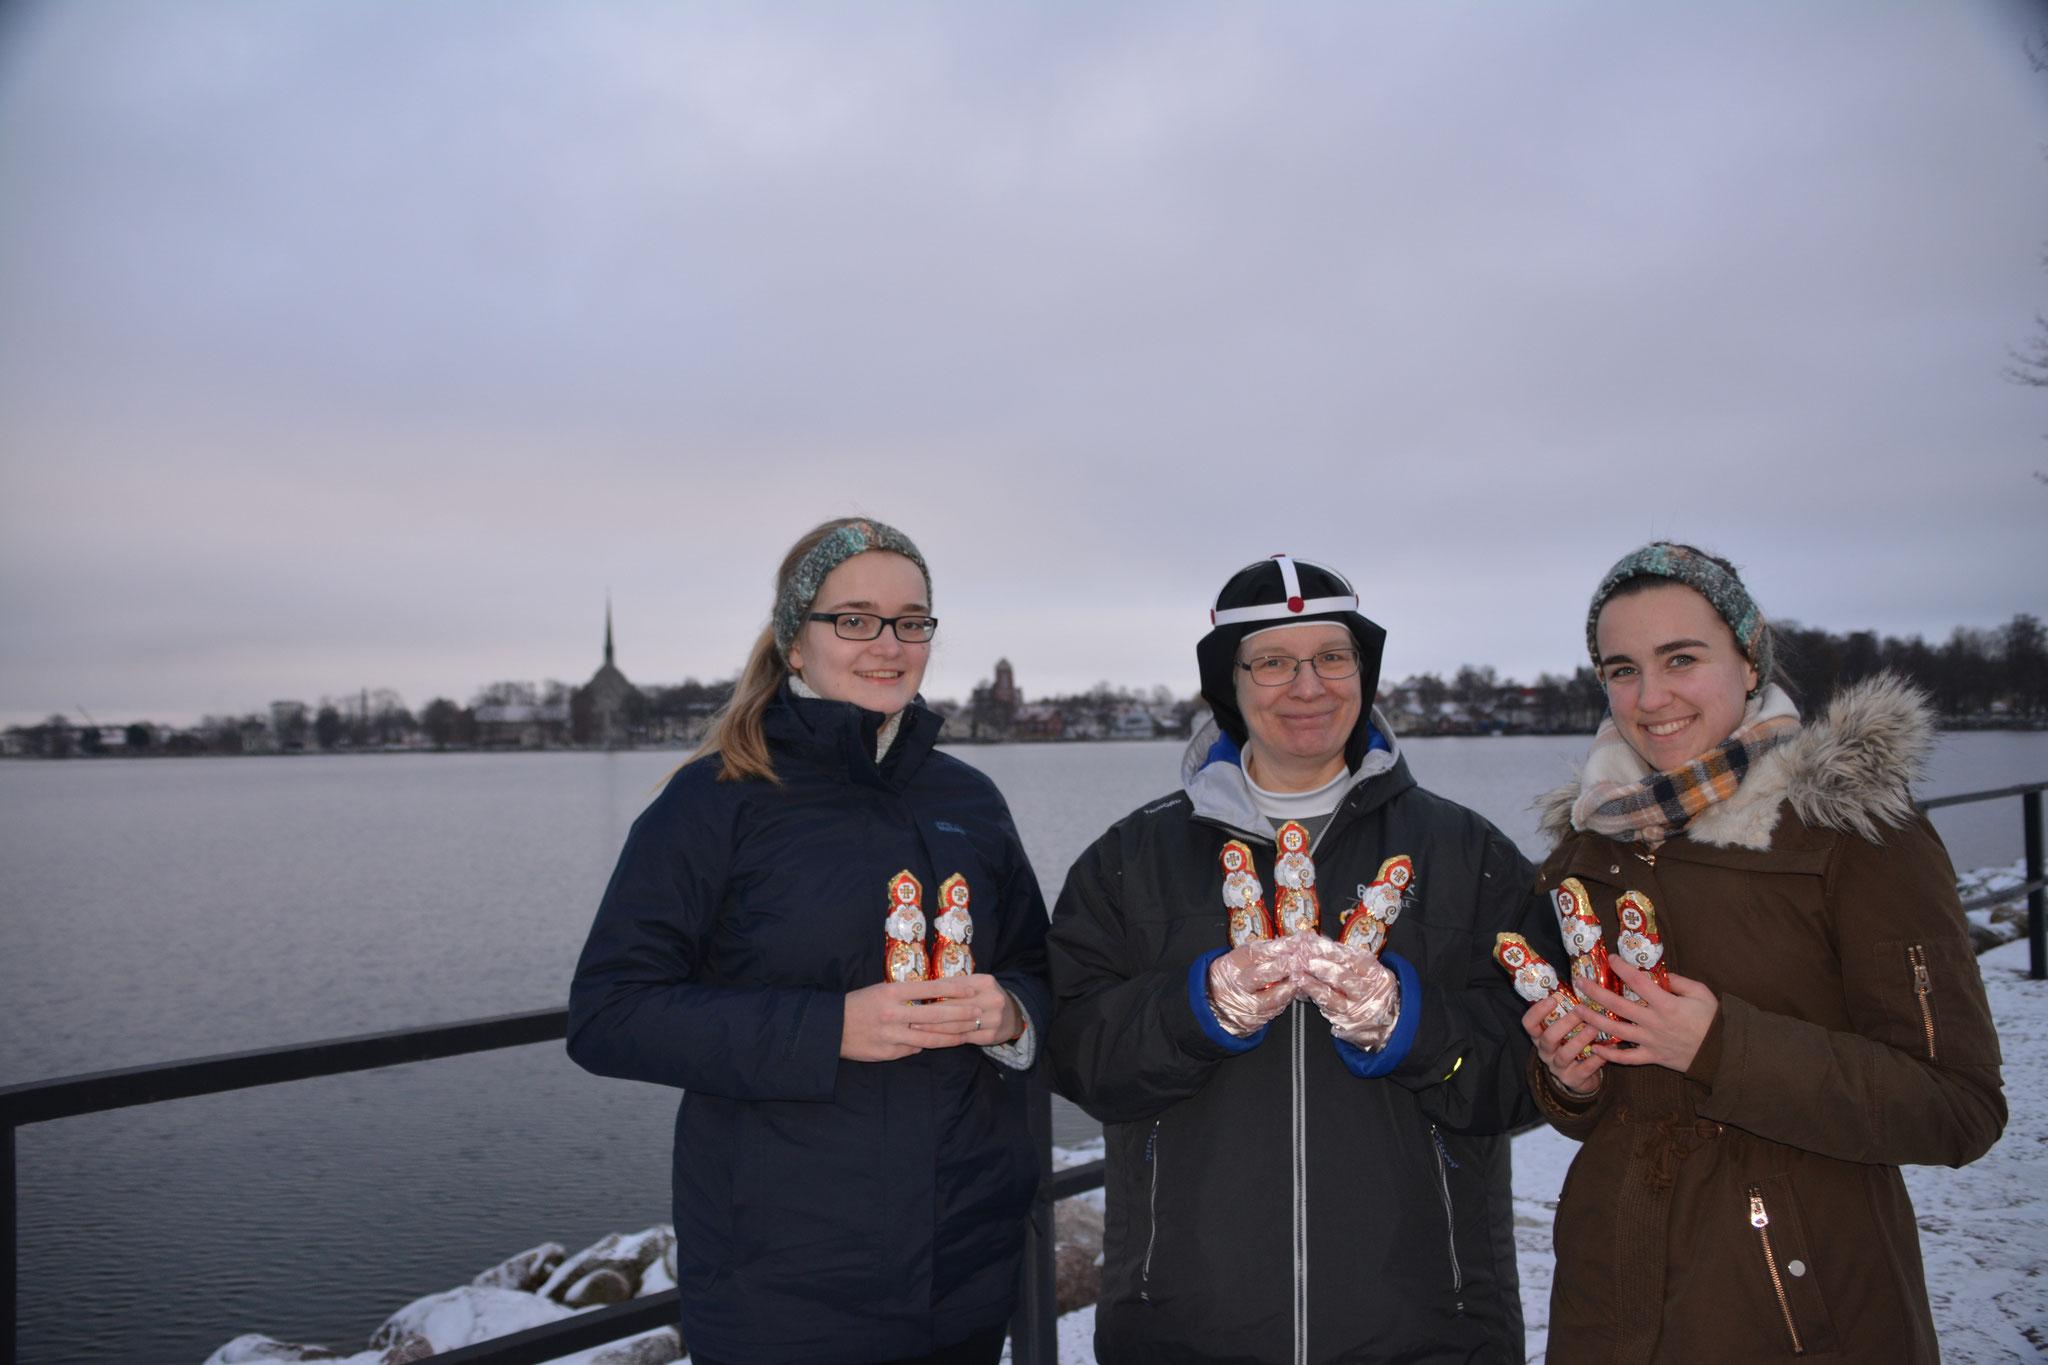 Maria Korten, Schwester Monika und Lioba Dietz in Vadstena